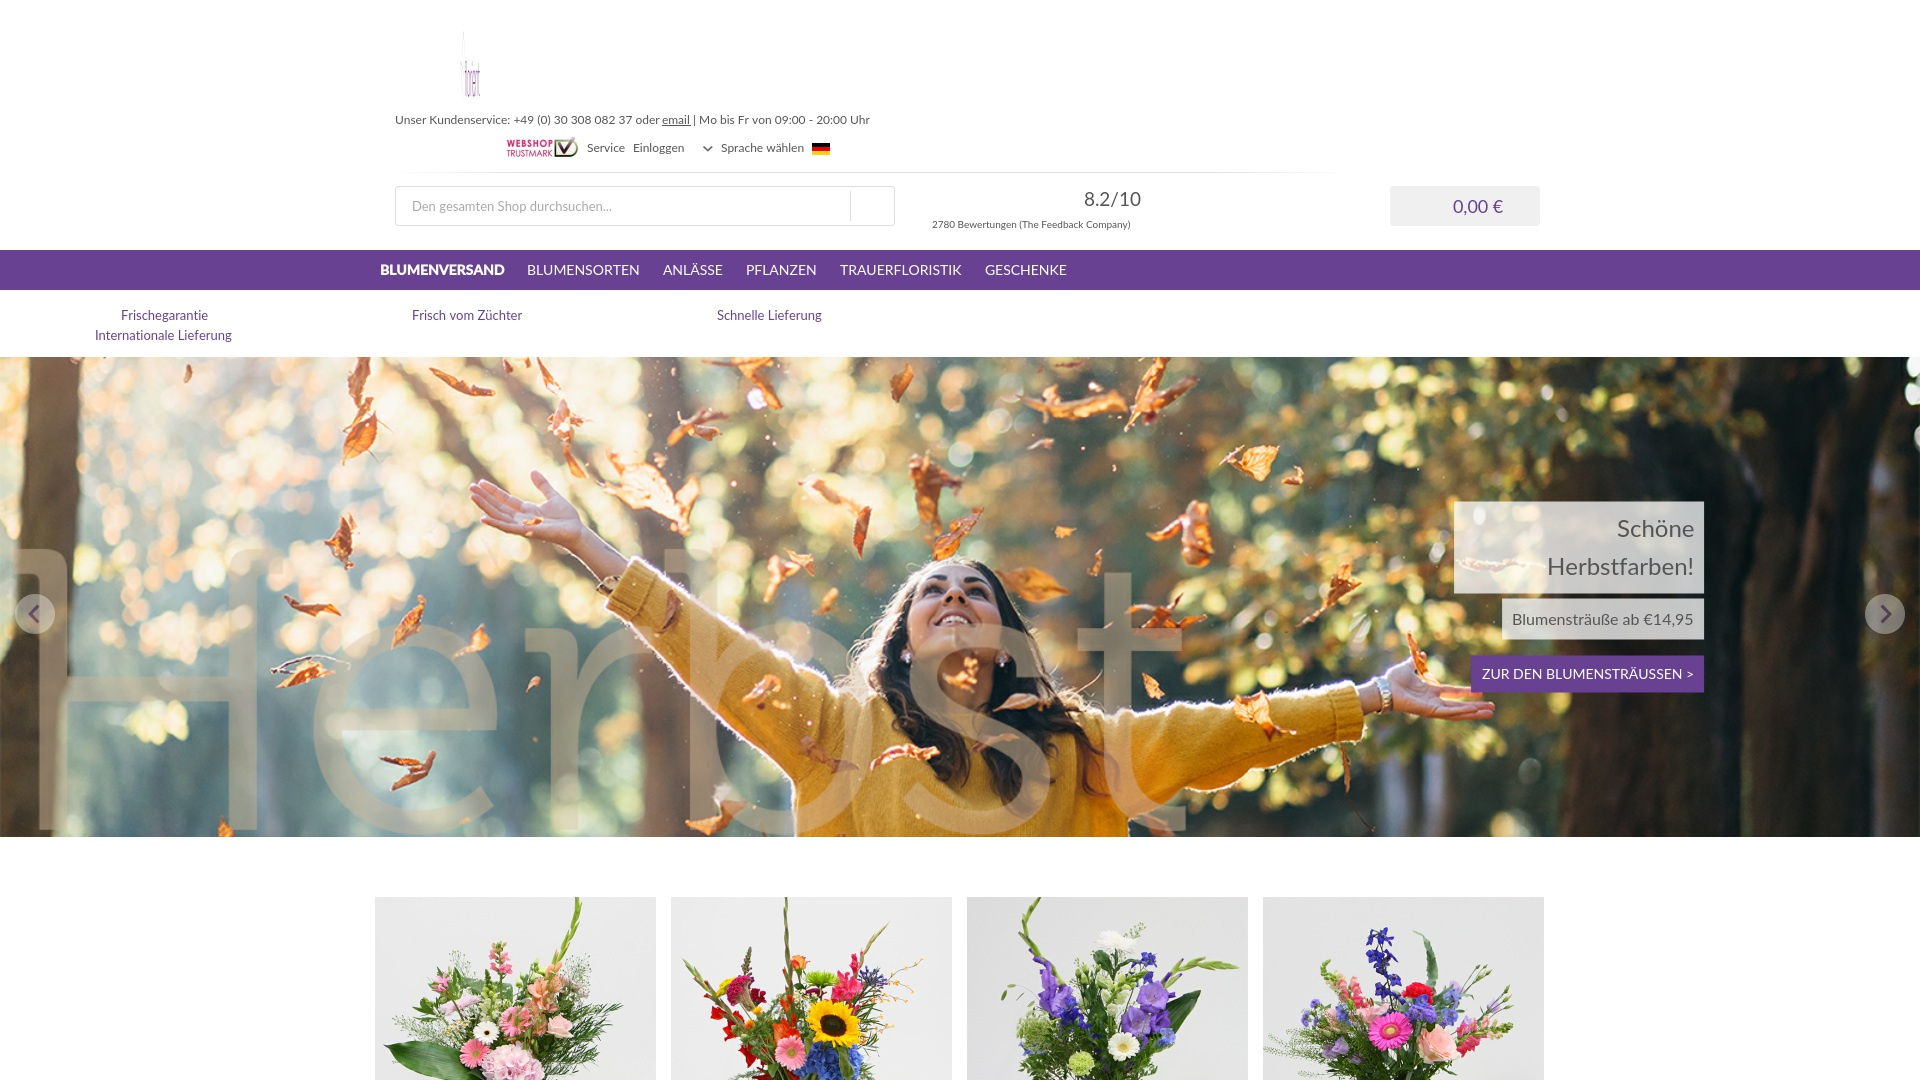 Gutschein für Florient: Rabatte für  Florient sichern